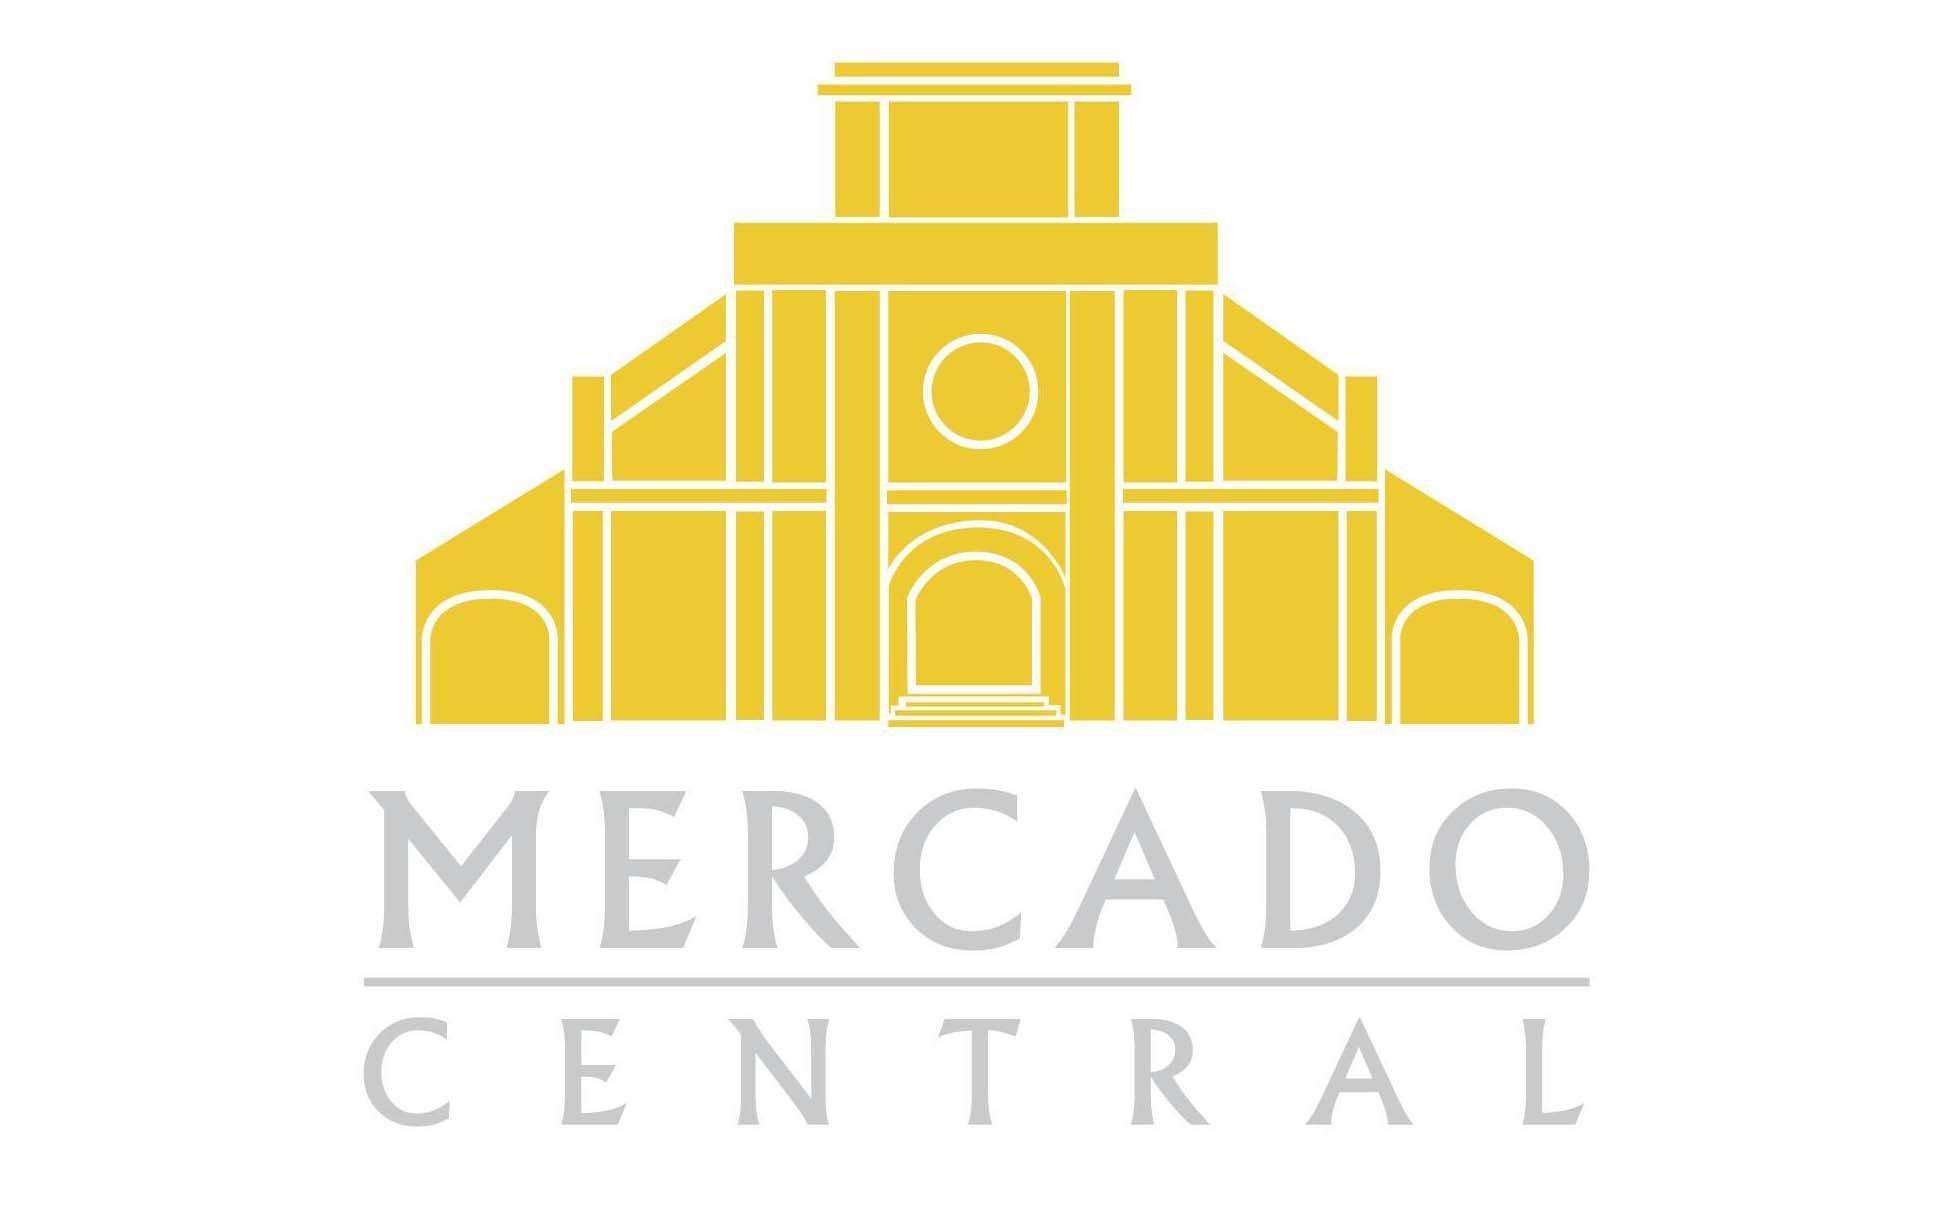 La Asociación de Comerciantes del Mercado Central de Santa Pola, junto con el Ayuntamiento de Santa Pola, abre un nuevo ciclo de dinamización socioeconómica.